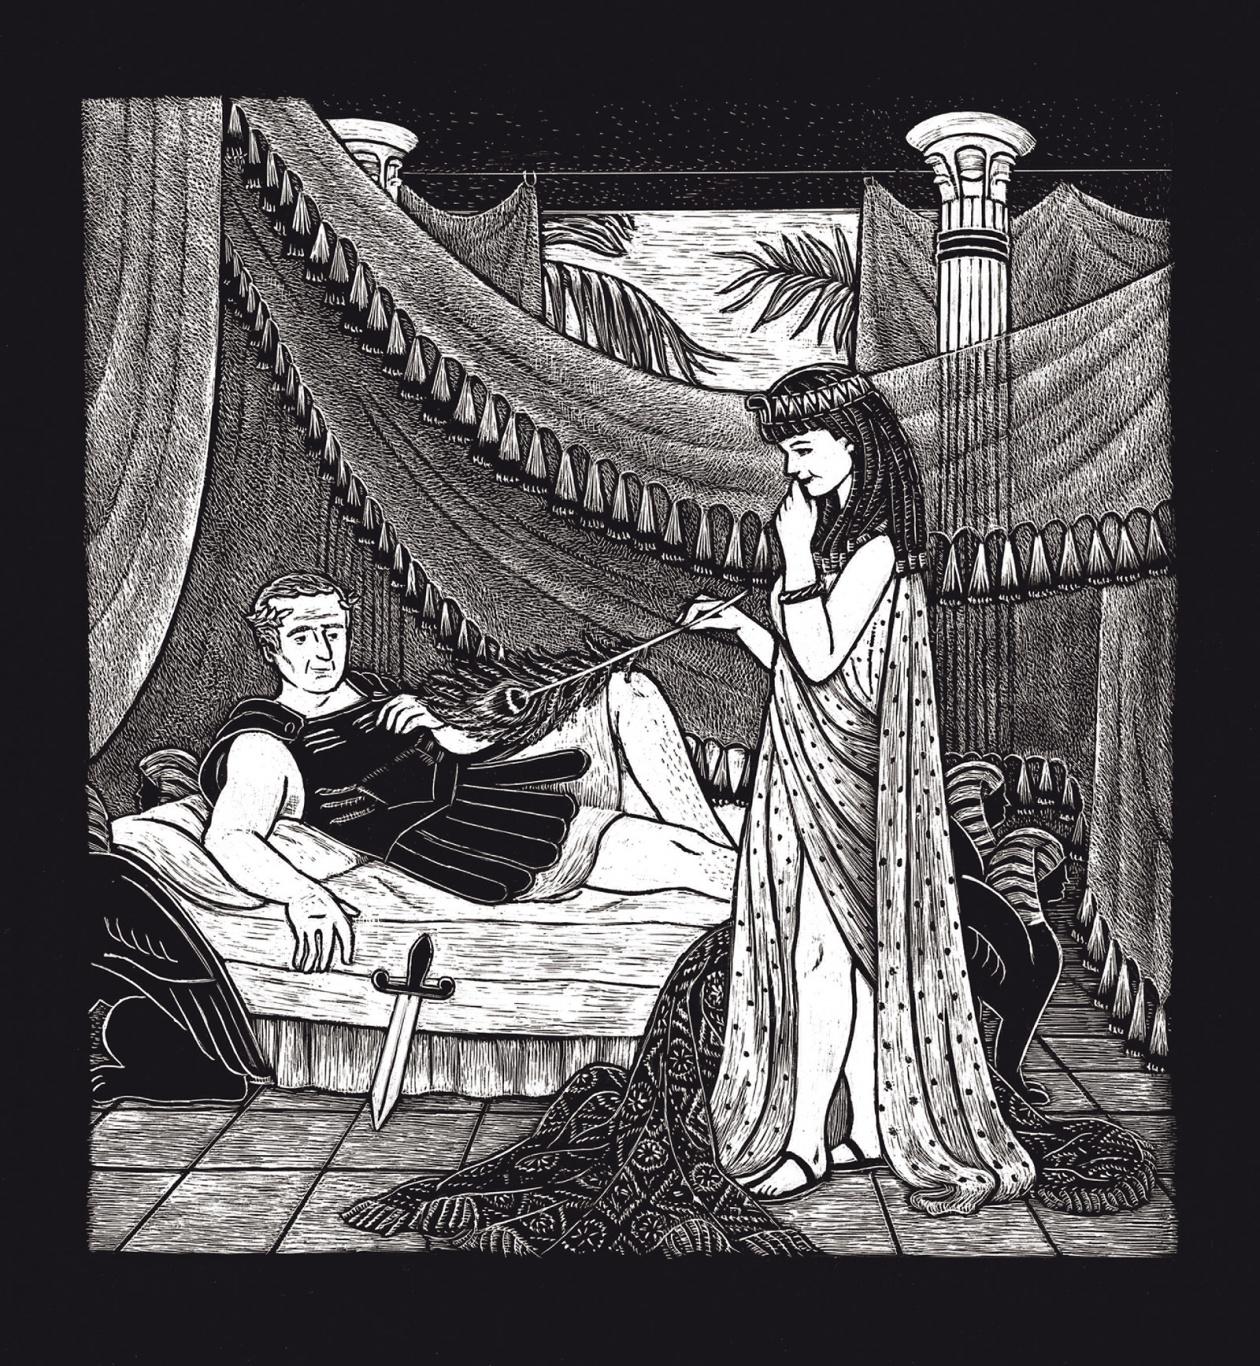 Paargespräche - Caesar und Kleopatra